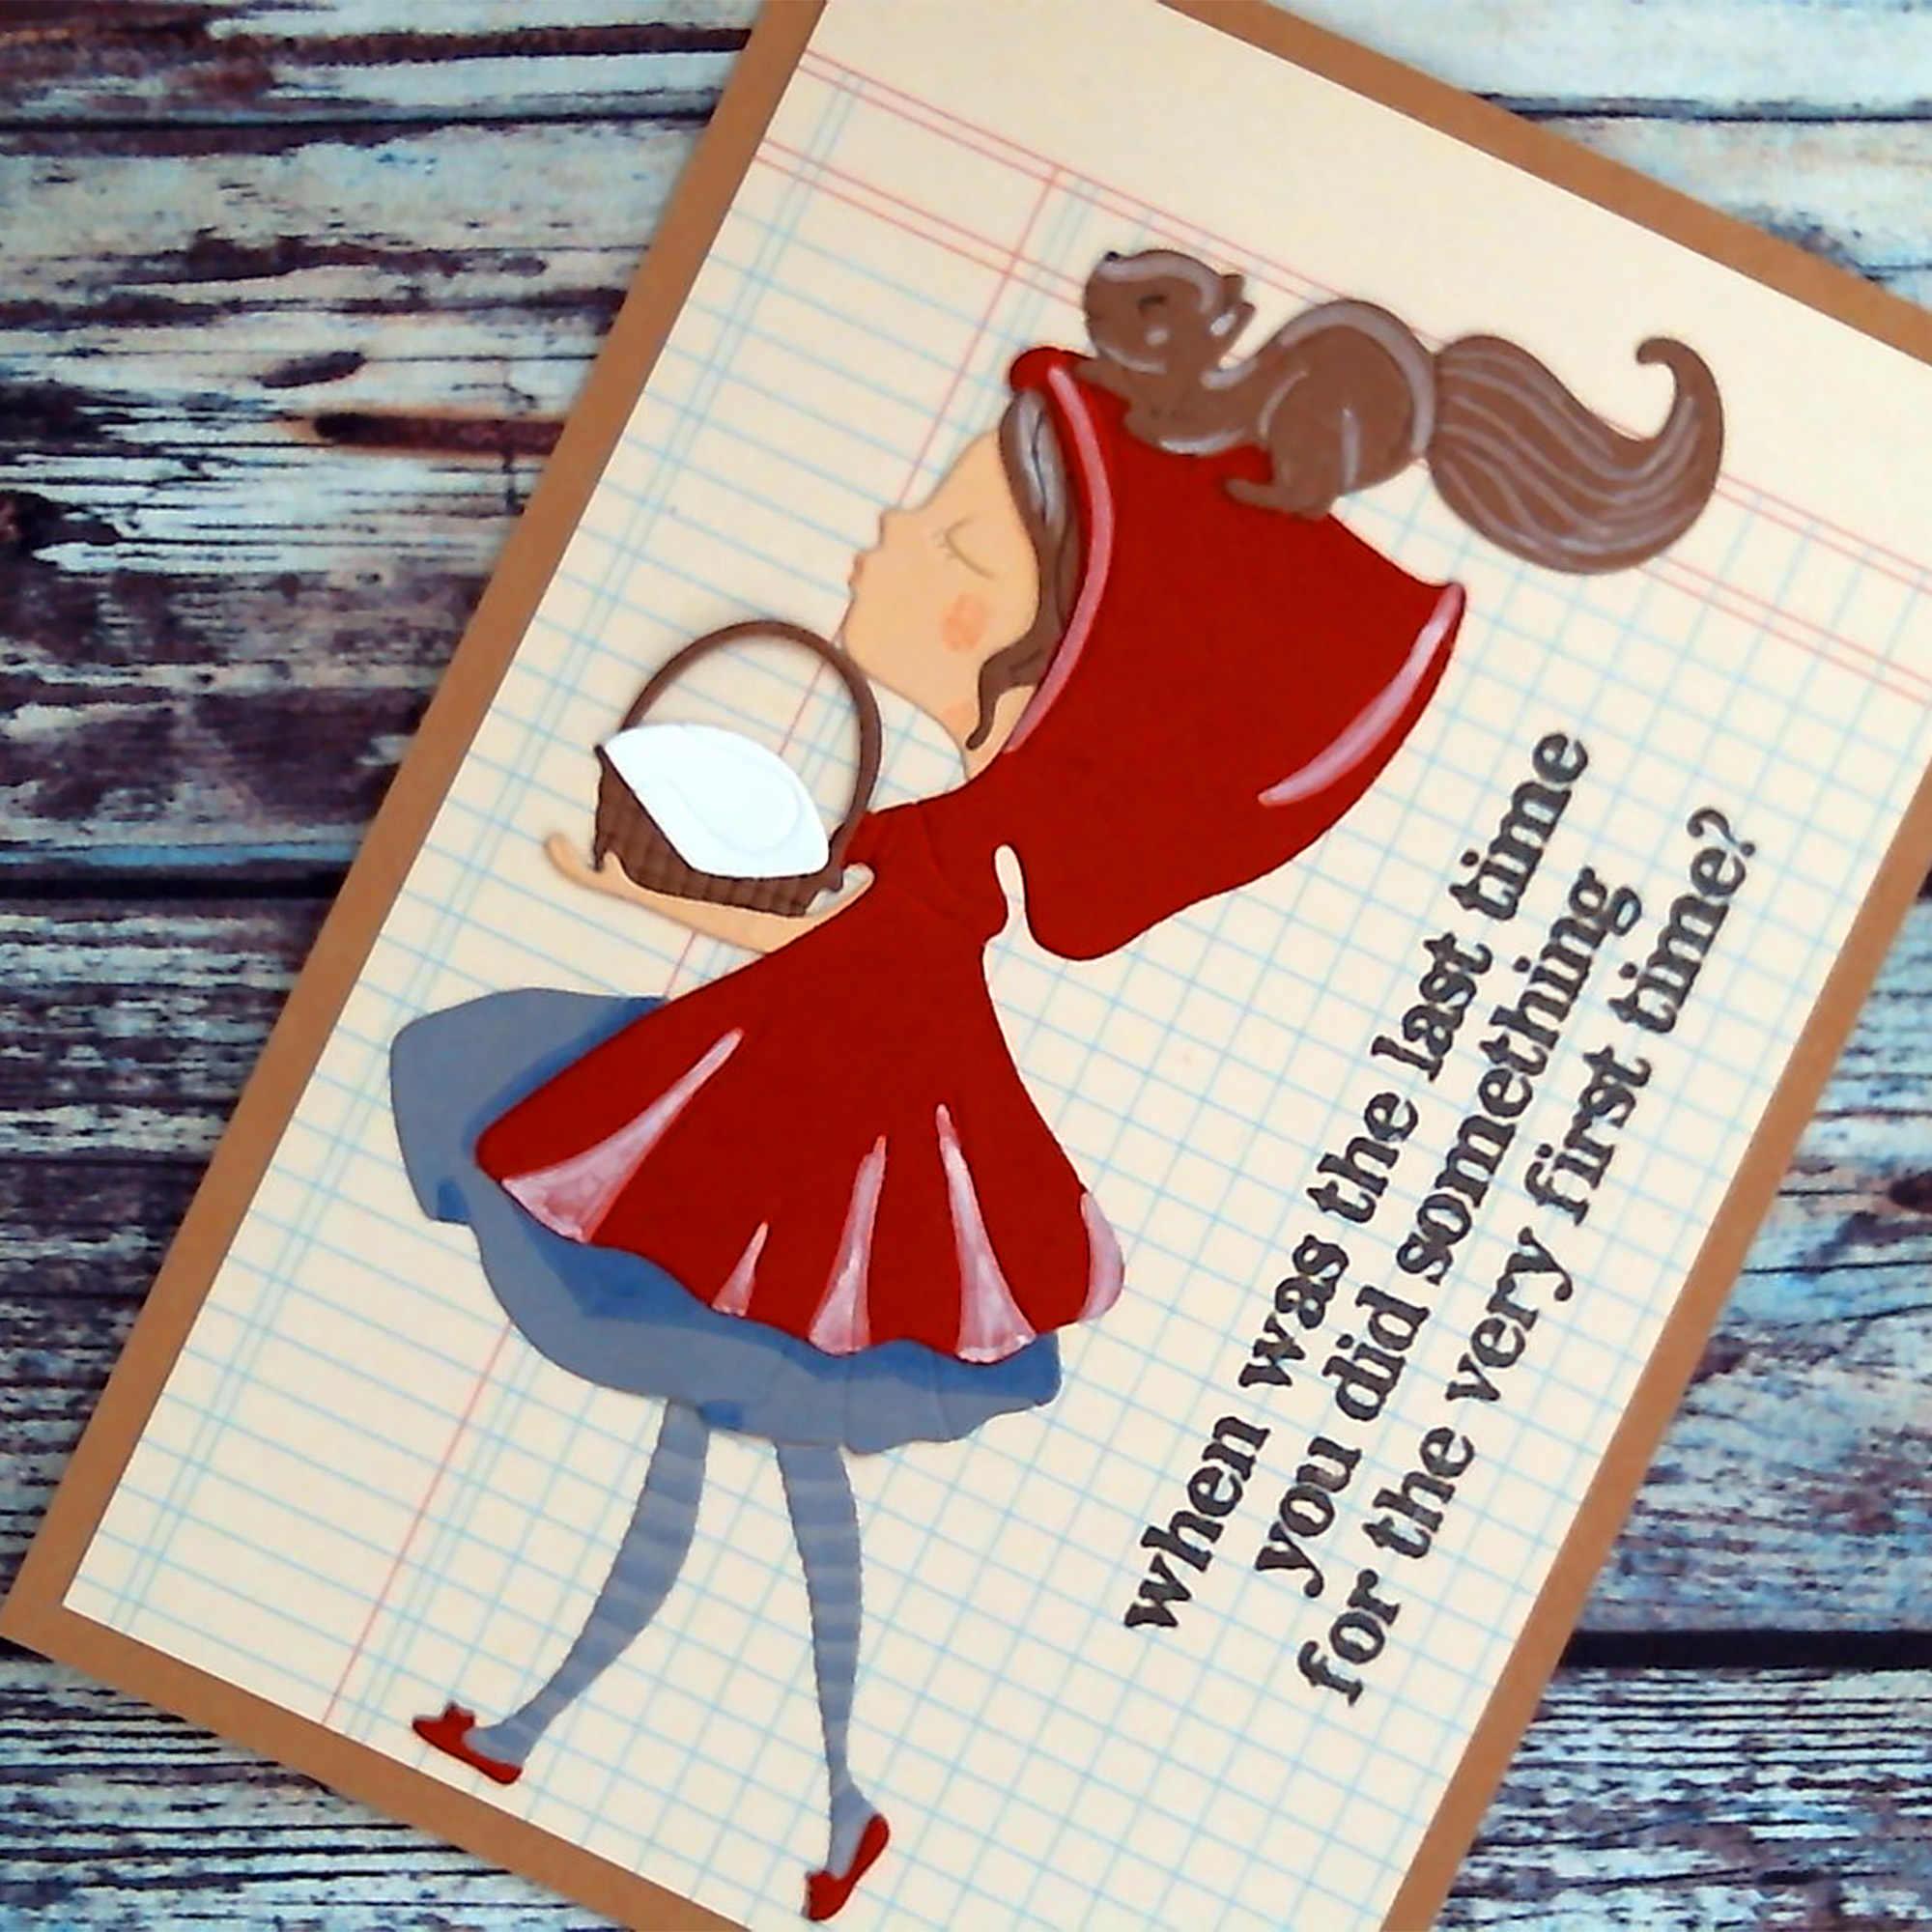 Küçük kırmızı başlıklı kız Metal kesme ölür sincap bebek kabartma şablon DIY Scrapbooking için kart dekorasyon